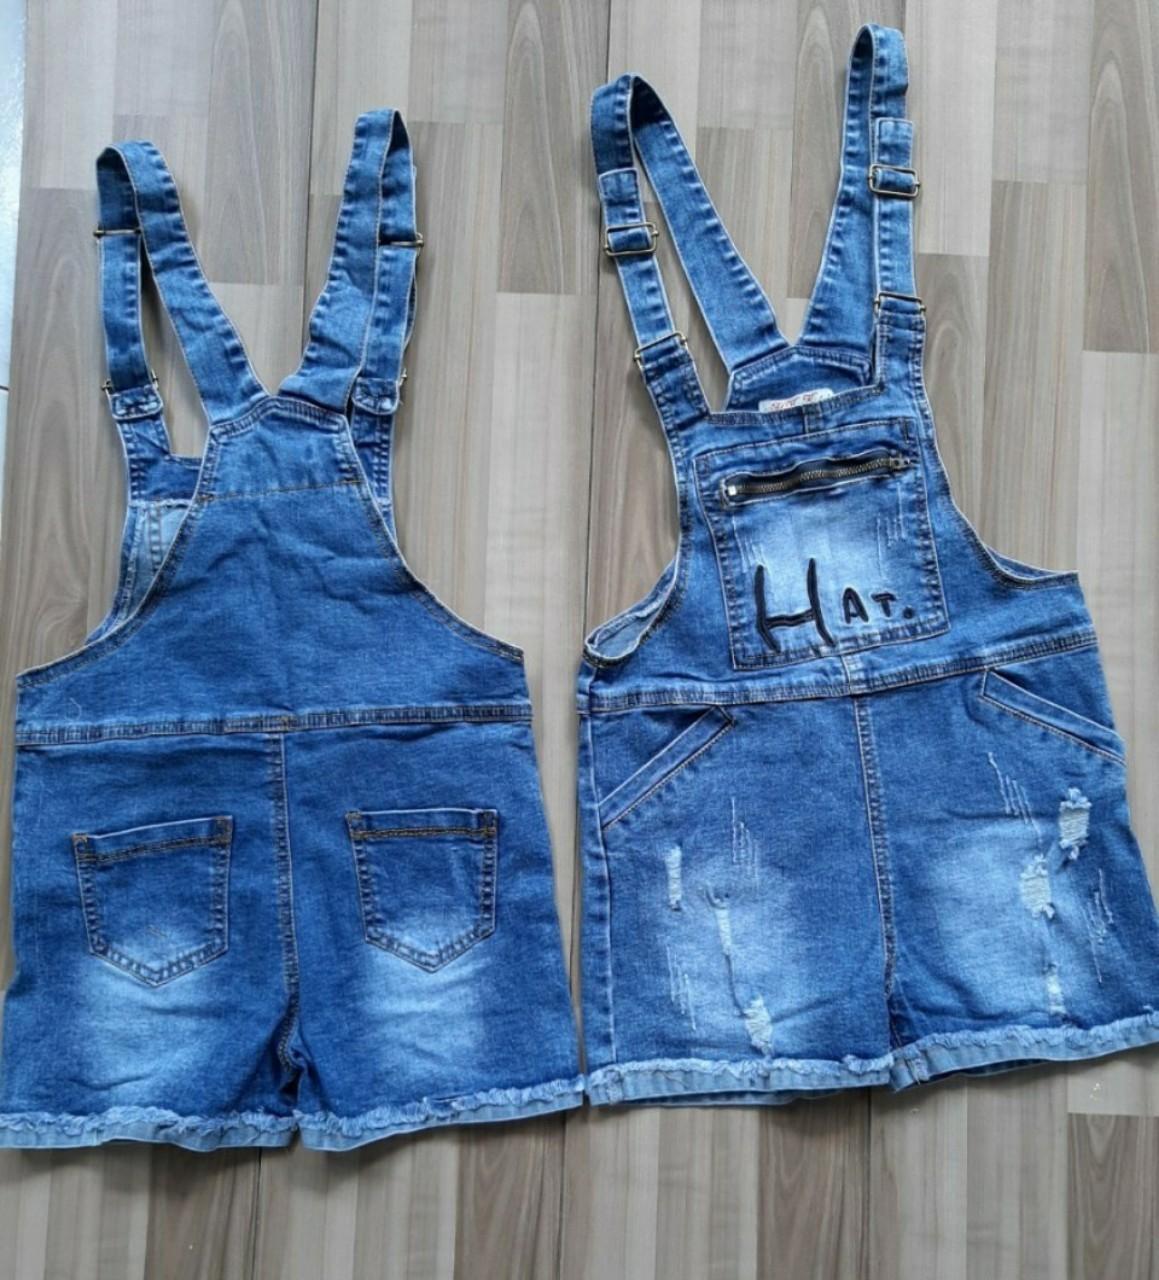 Giá bán Yếm jean sort đùi bé gái, chất jean mềm co giãn cực mạnh wash rách 19-39Kg